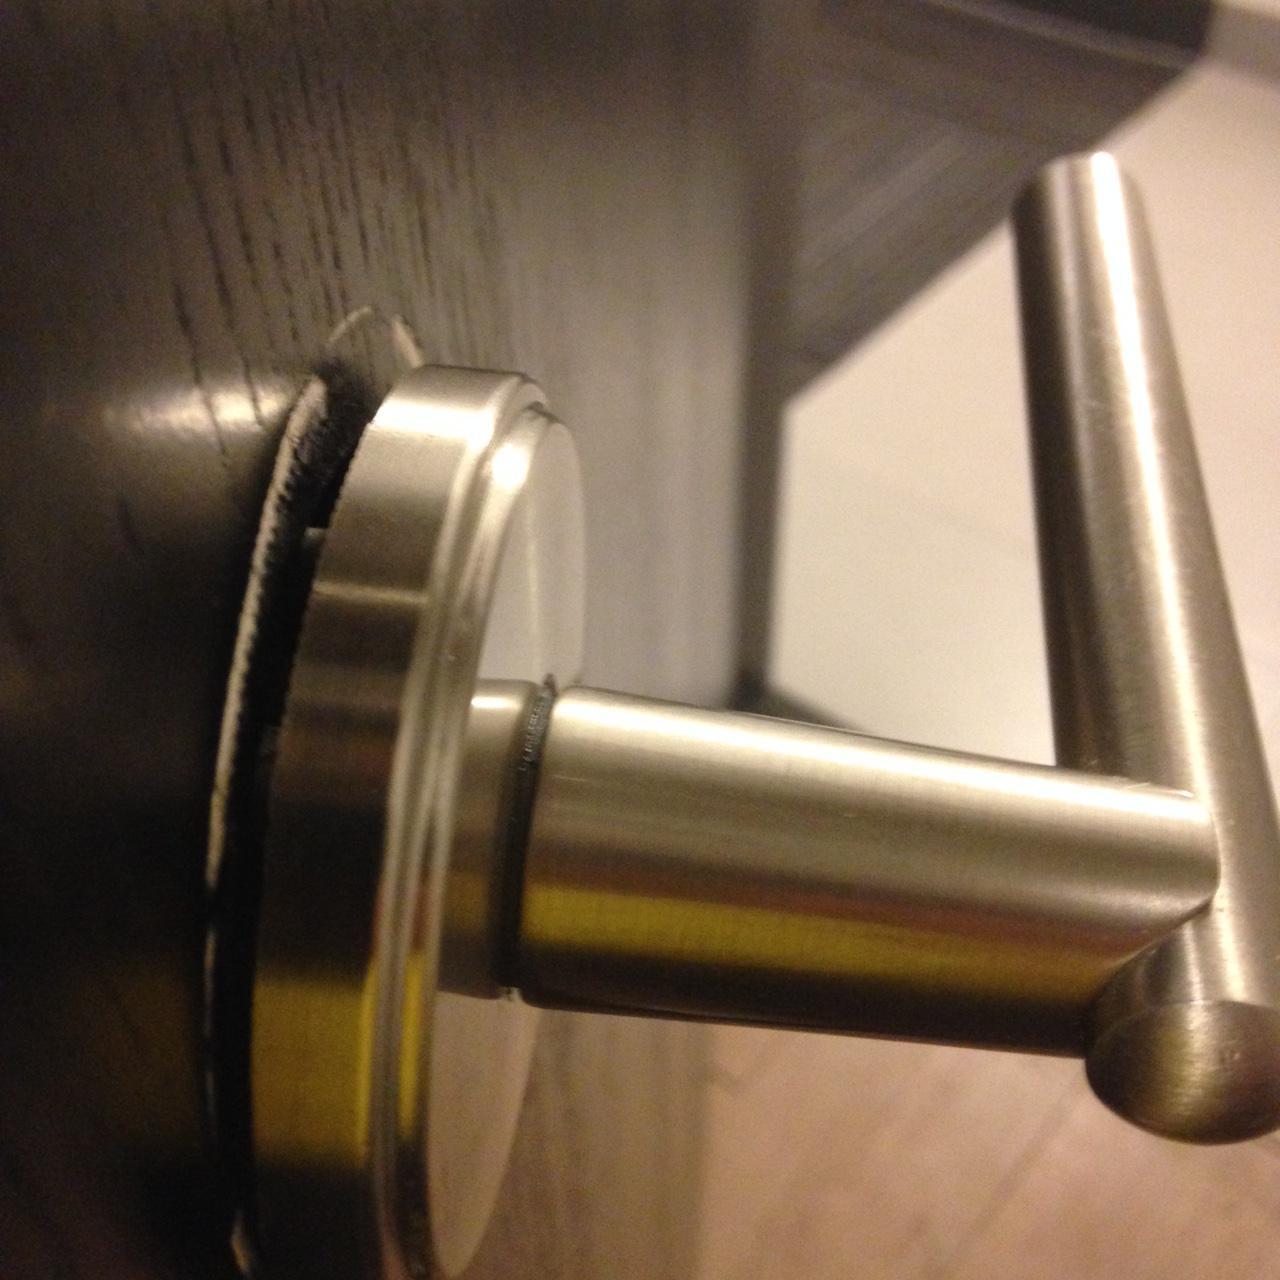 tighten loose door knob photo - 2